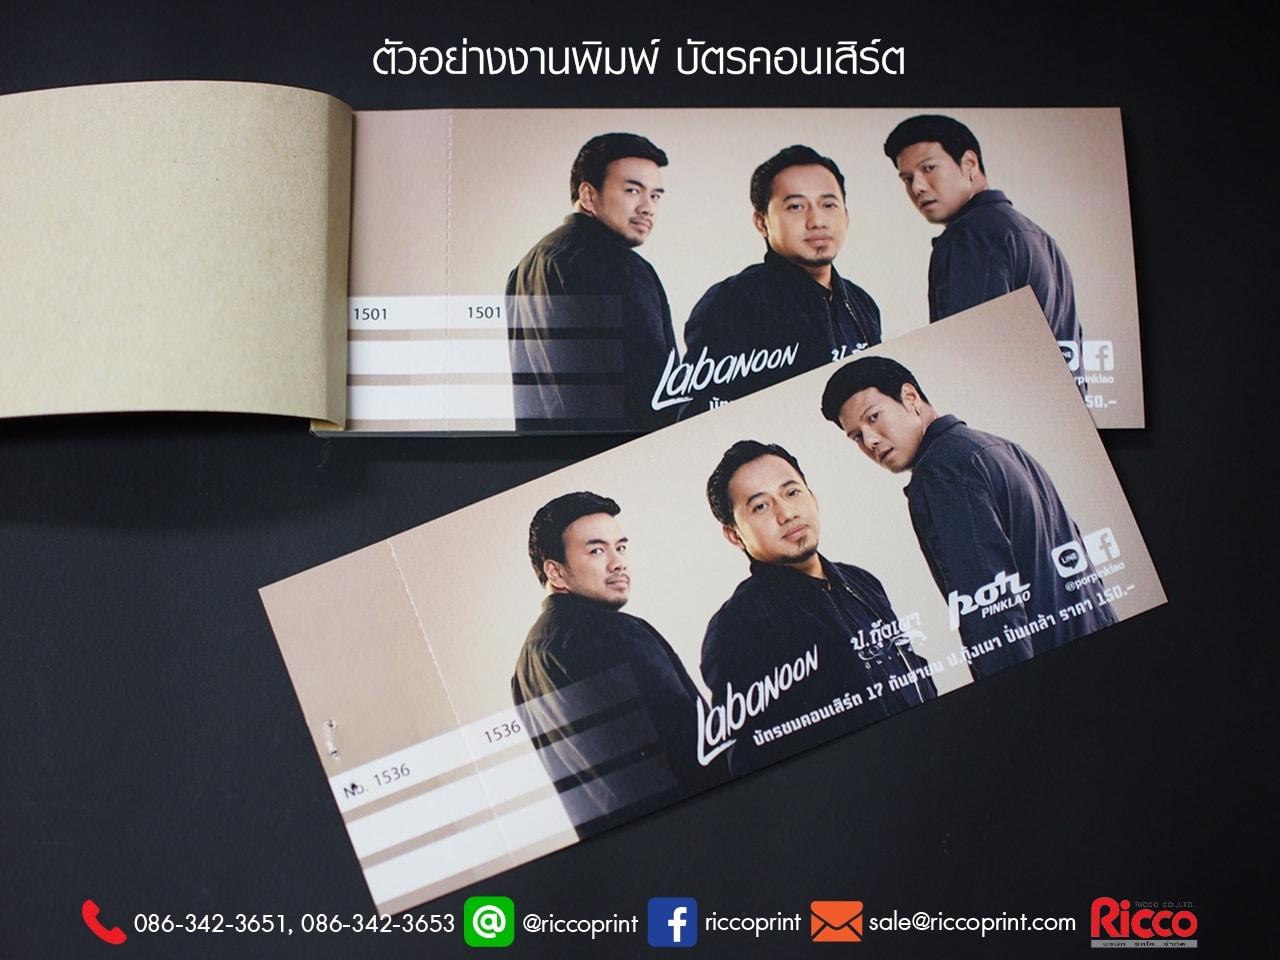 รูป Ticket 2020 ConcertLabanoon2 - ประกอบเนื้อหา คูปอง บัตรกำนัล ตั๋ว